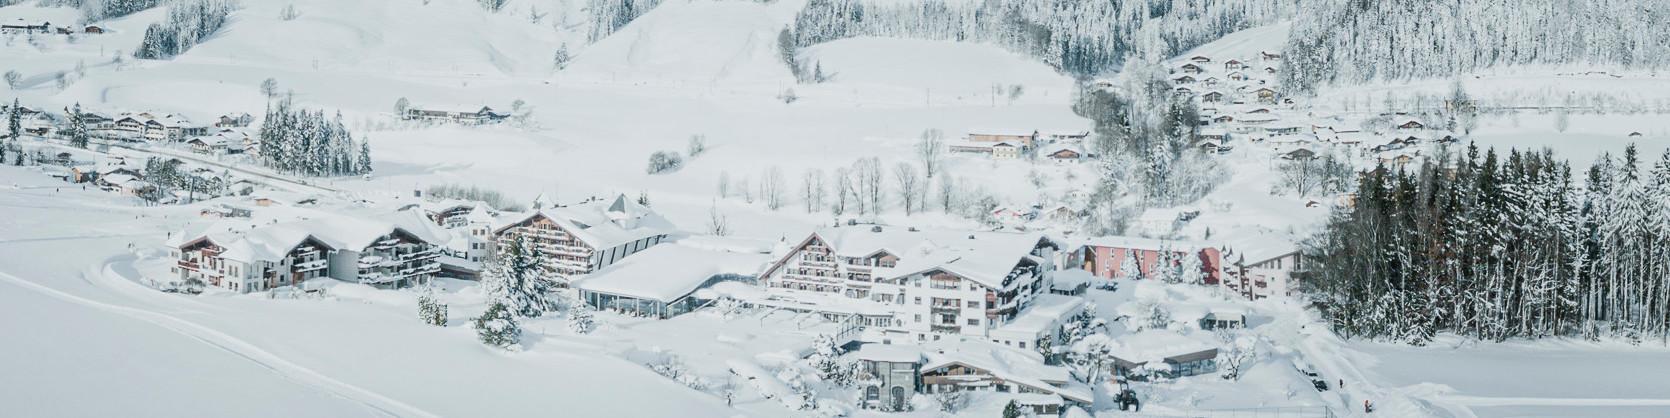 Krallerhof - Hotel Winter © Krallerhof